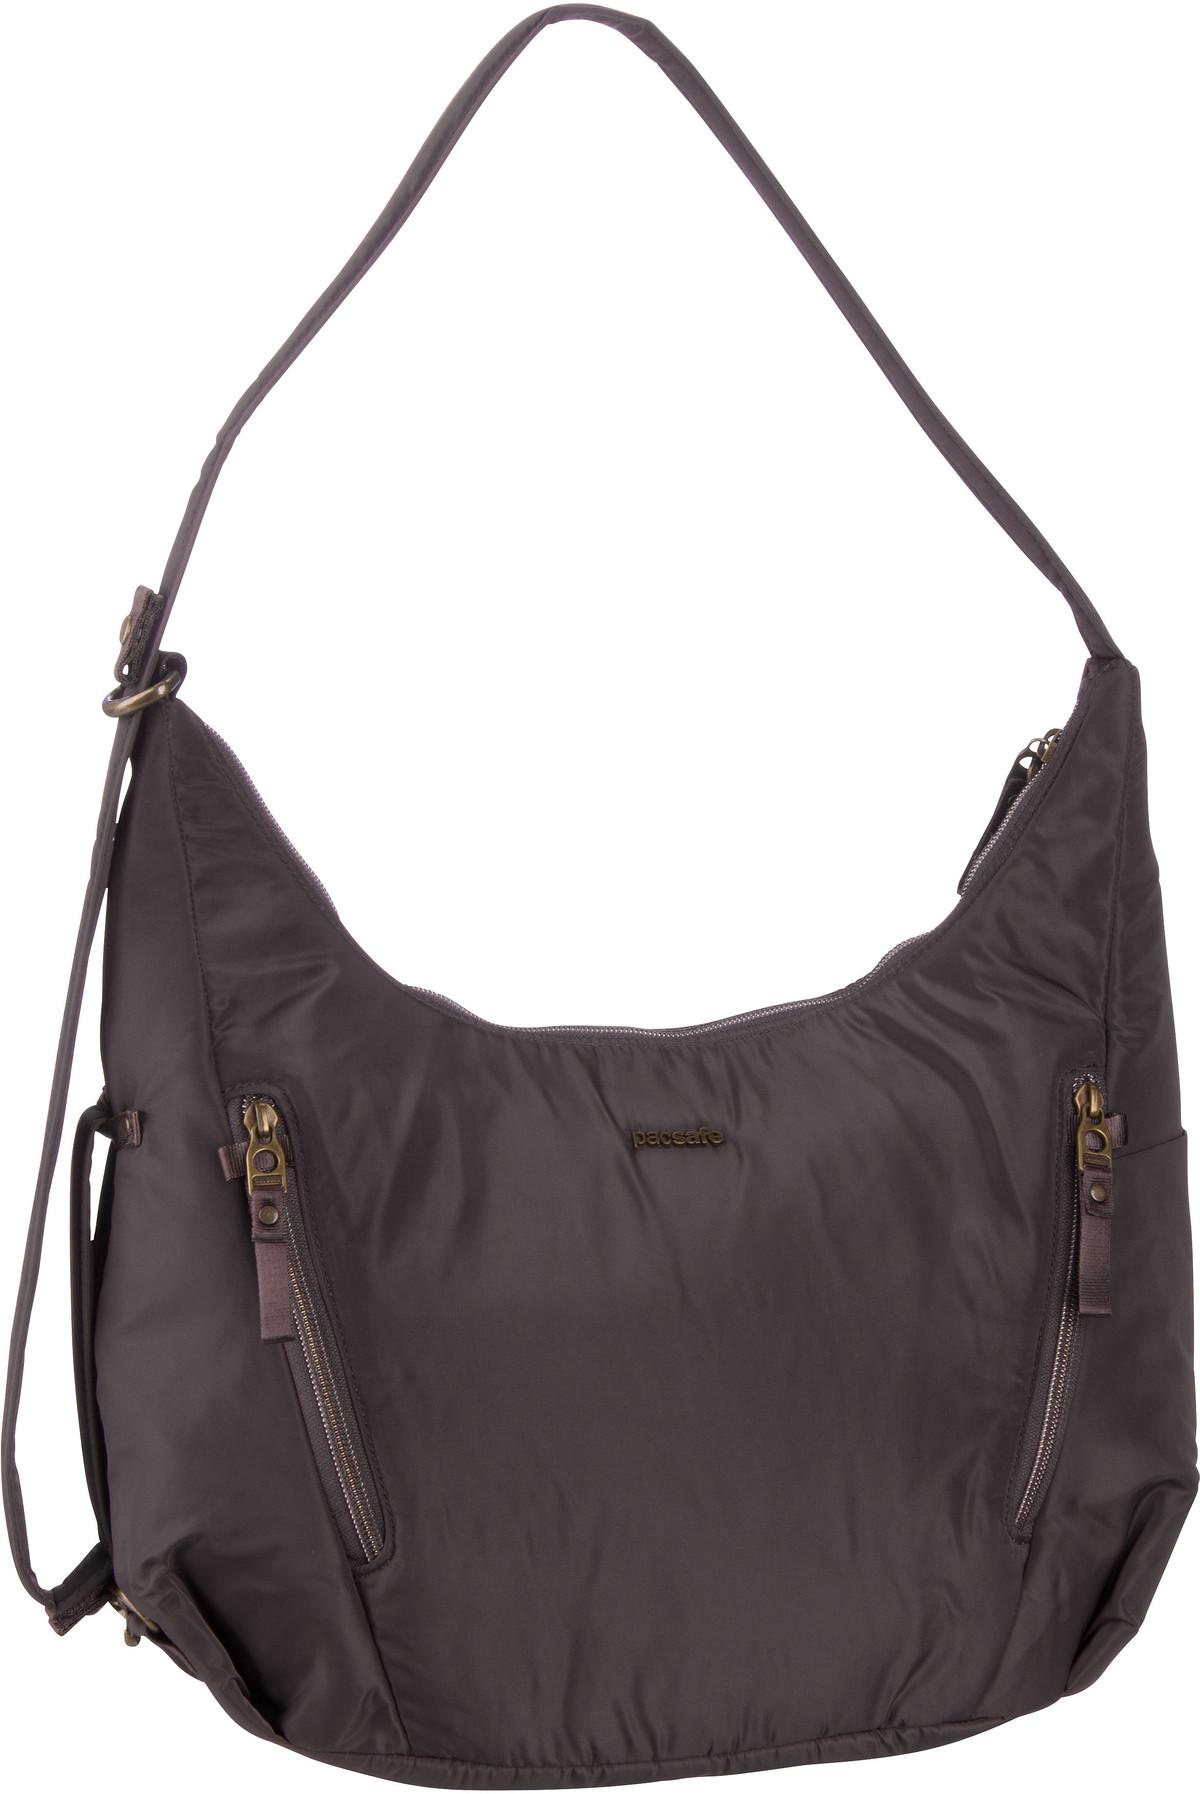 Pacsafe Handtasche Stylesafe Convertible Crossbody Mocha (10 Liter)